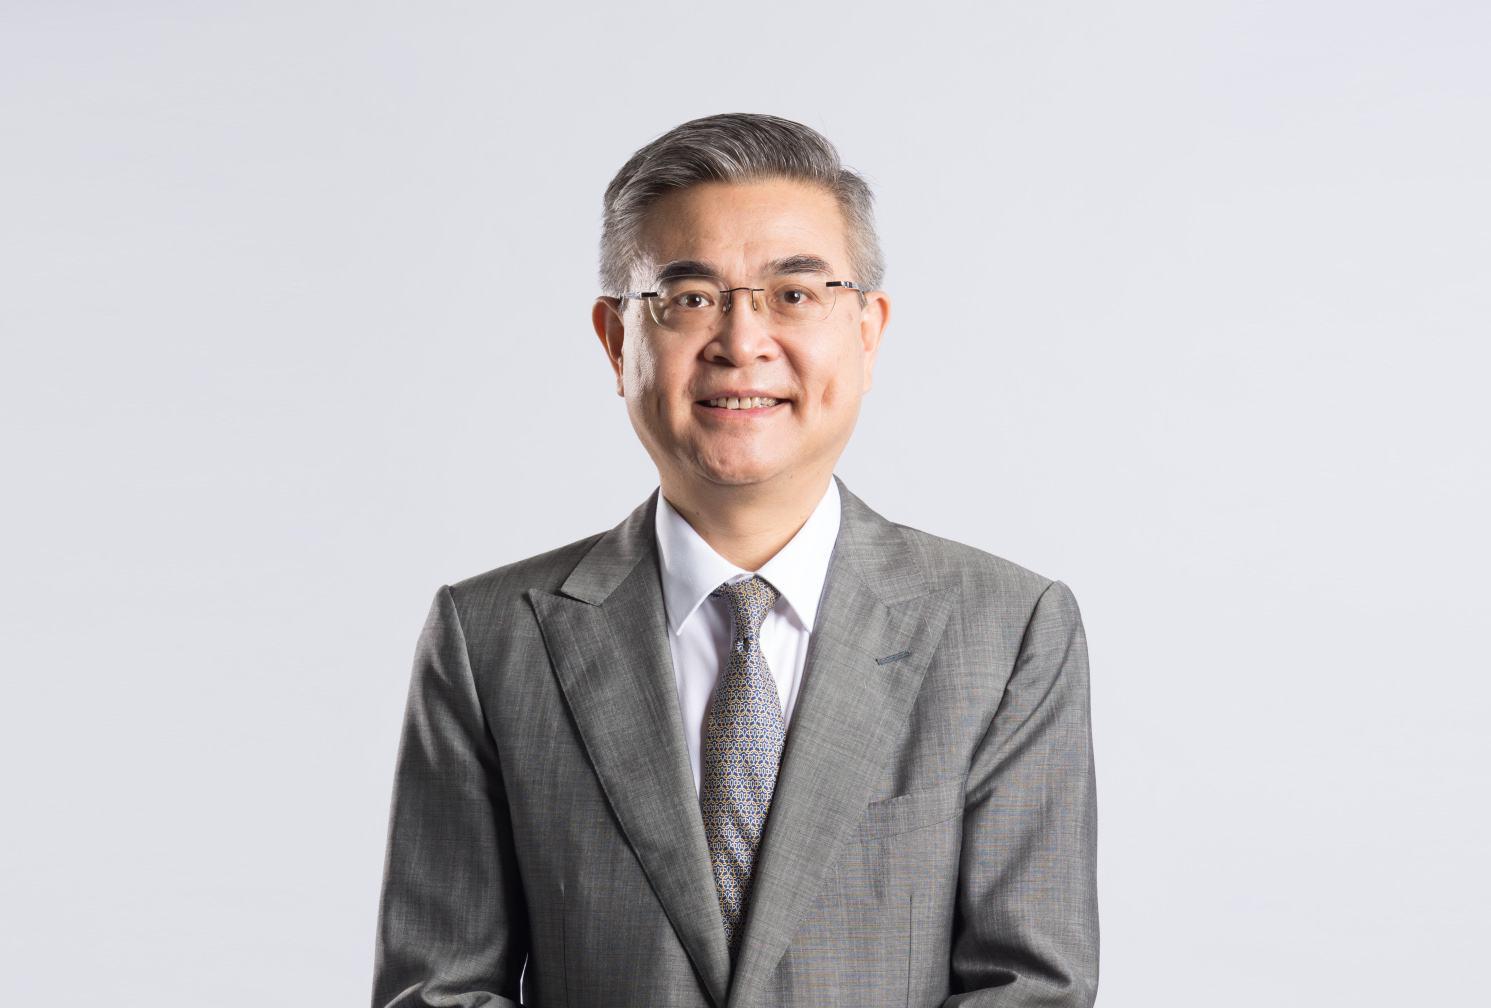 【经济日报】香港国际金融中心地位不会削弱和动摇